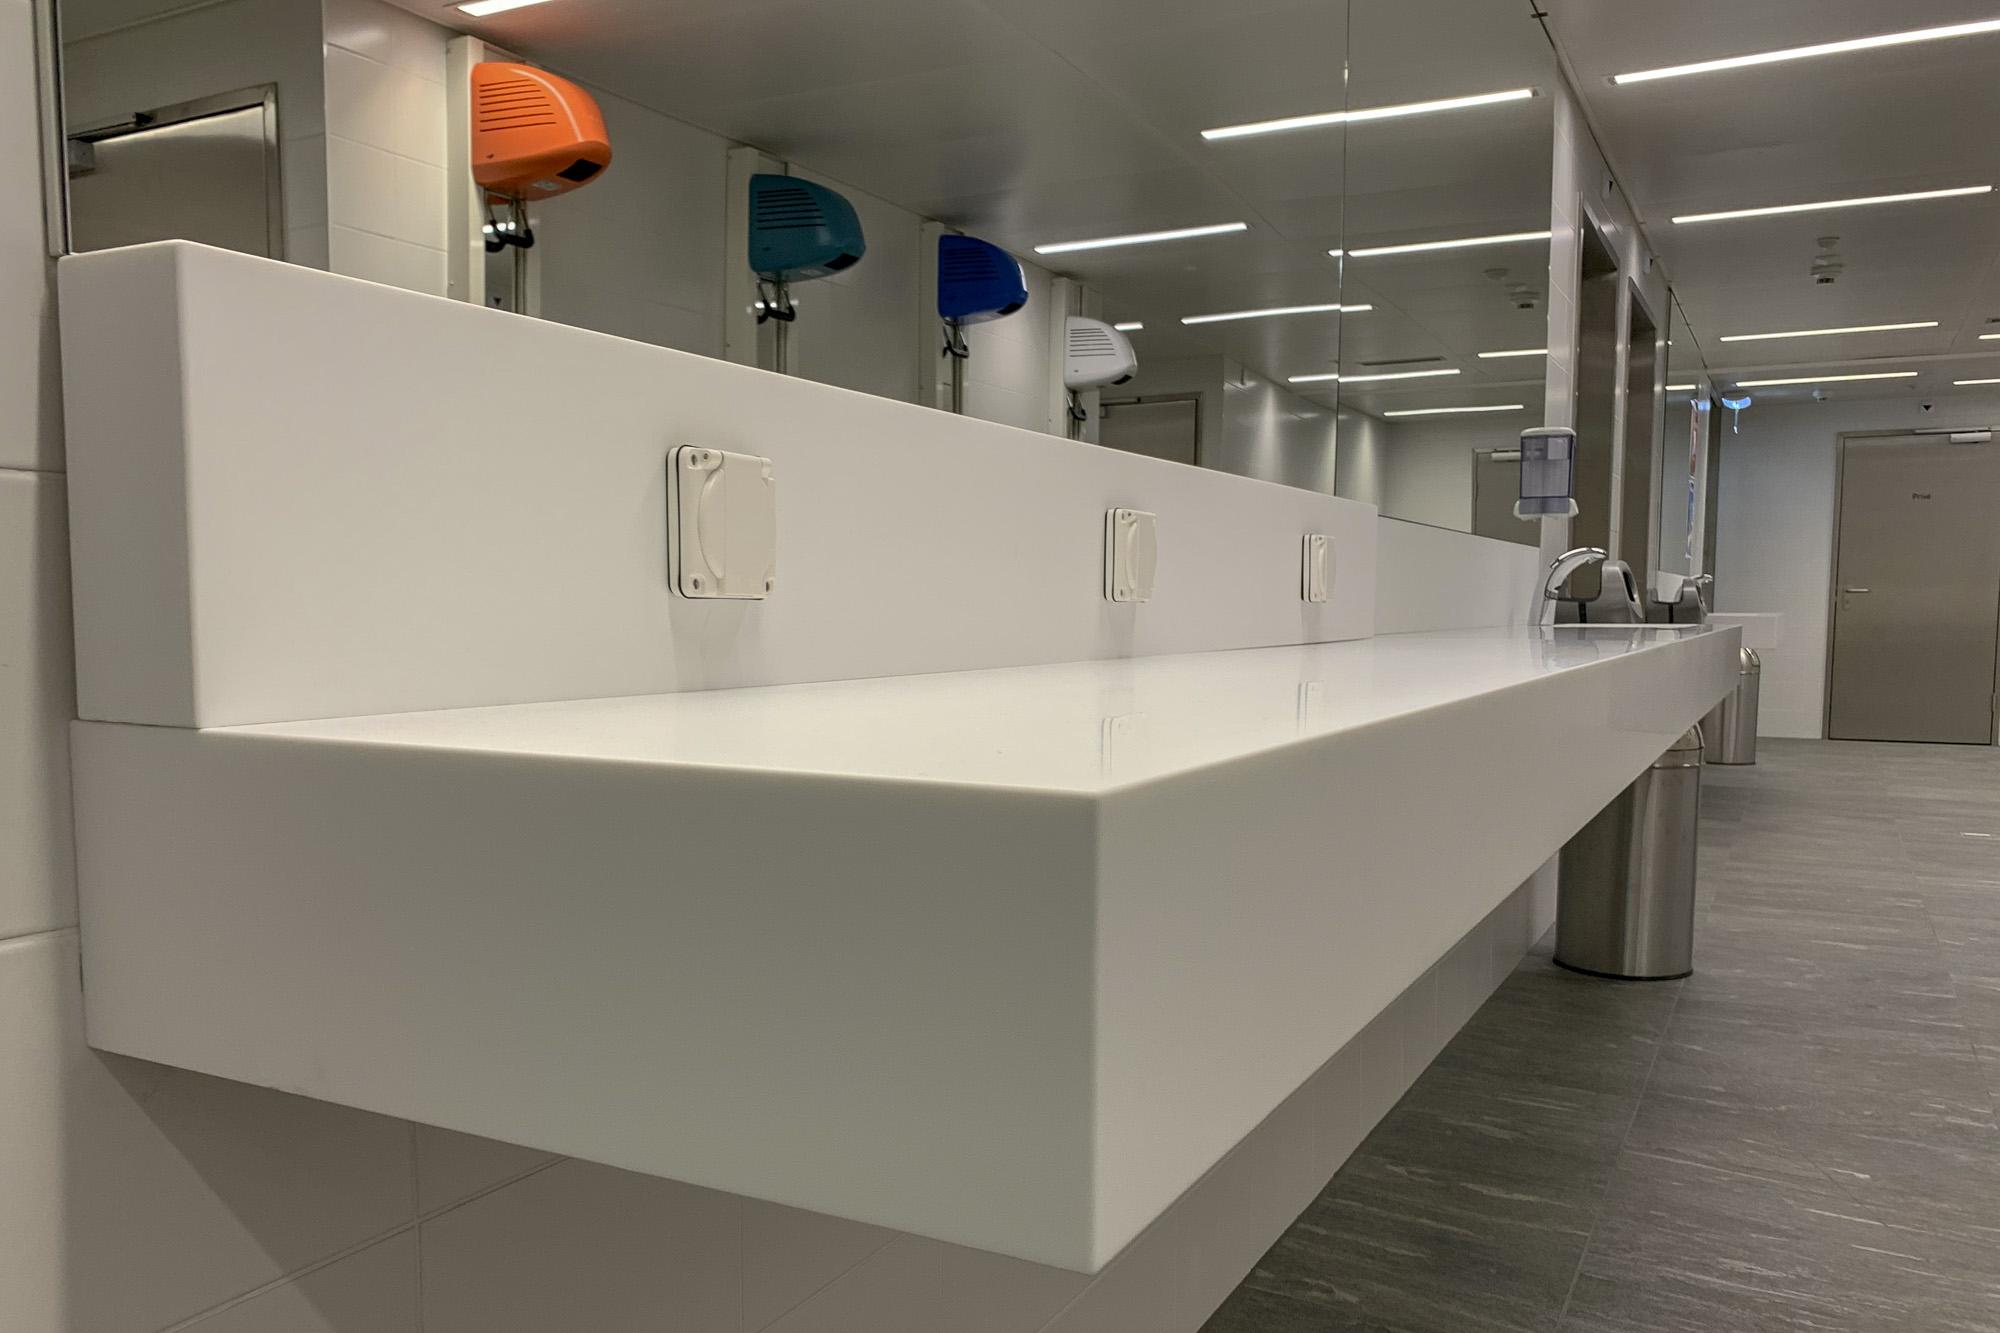 Waschtische für Umkleideräume in Sport-, Fitness- und Wellnessstudios